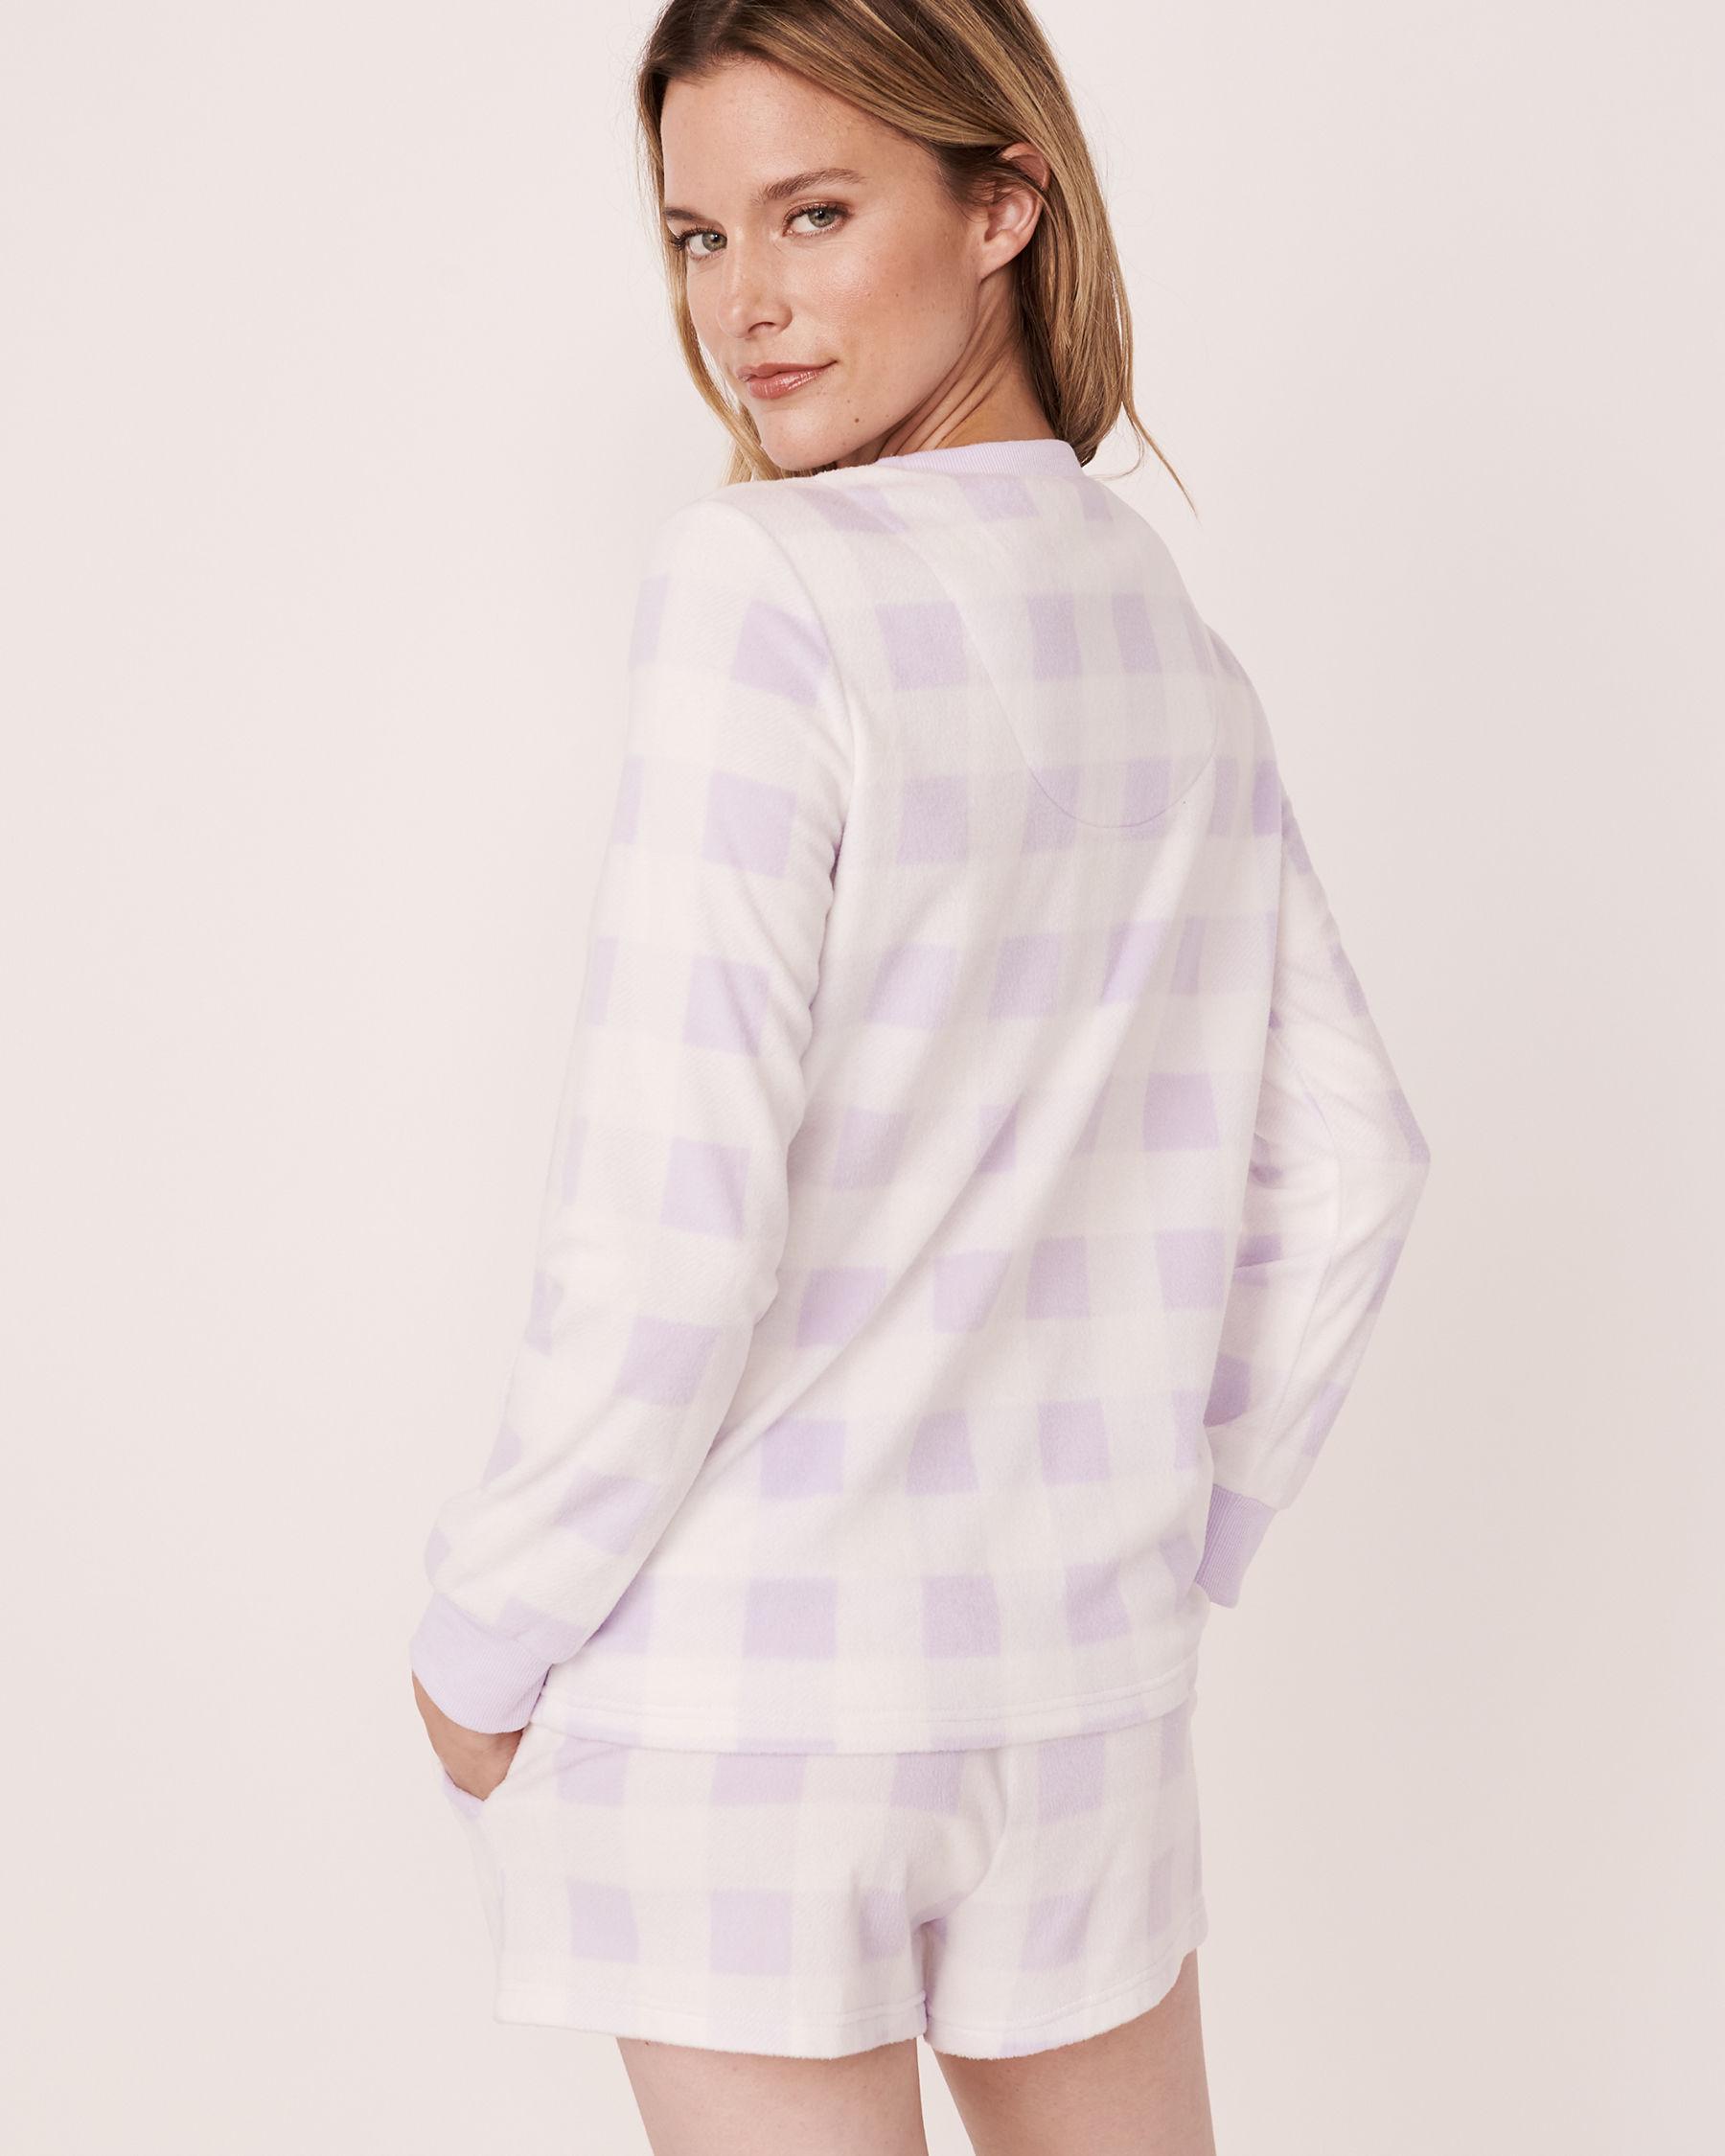 LA VIE EN ROSE Ensemble pyjama short en micropolaire Vichy mauve 40400014 - Voir2